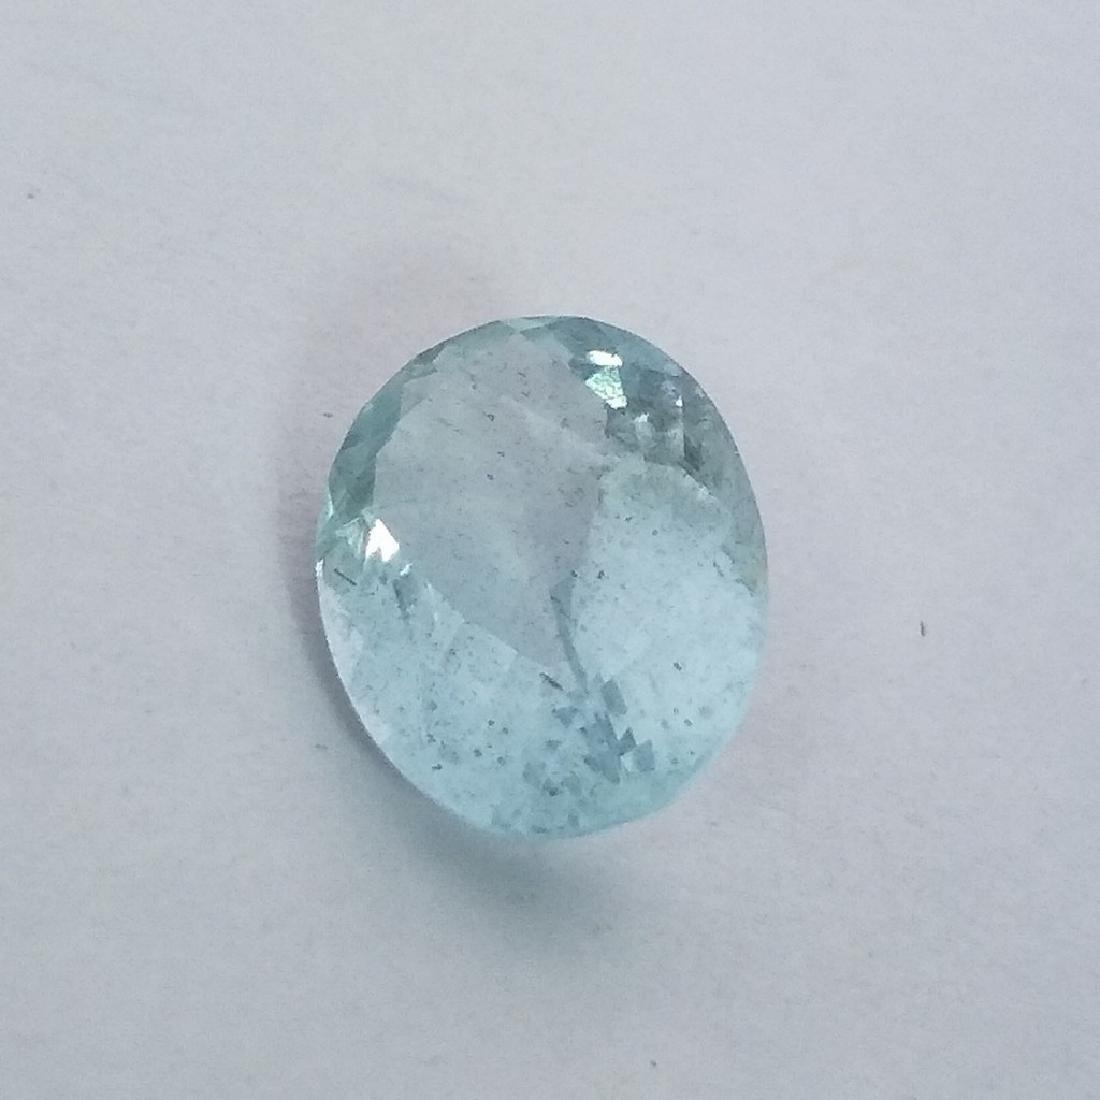 Aquamarine - 3.41 ct - 3